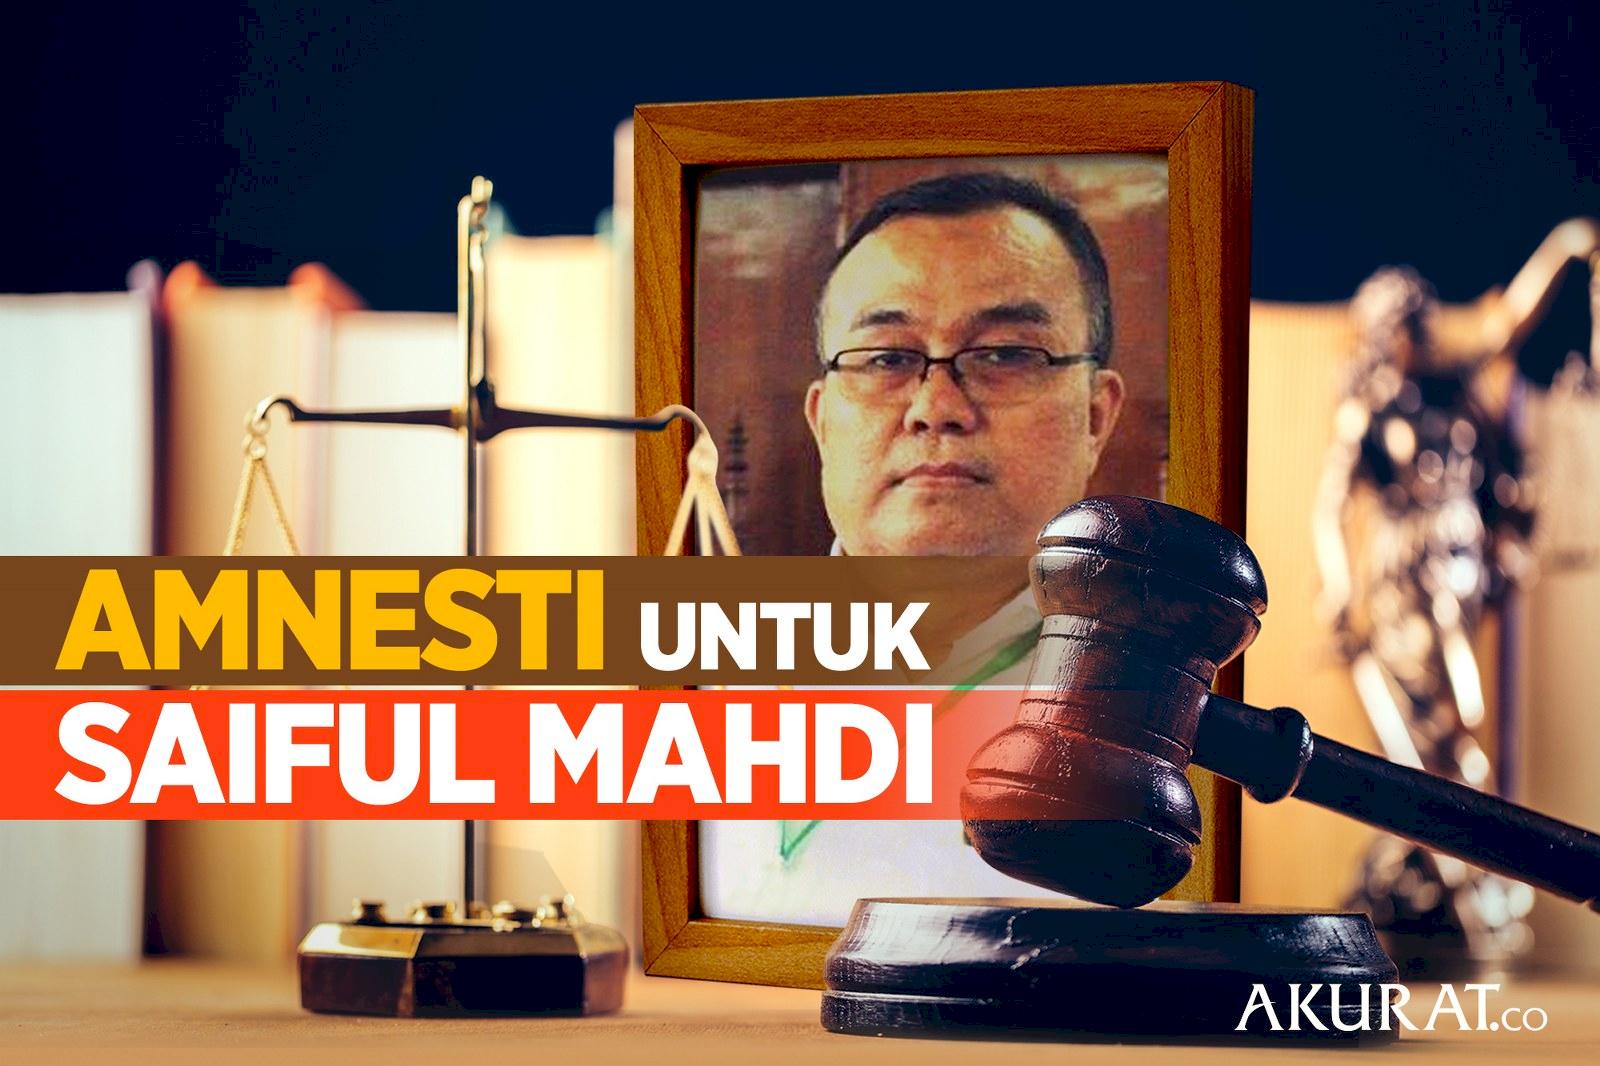 Amnesti untuk Saiful Mahdi